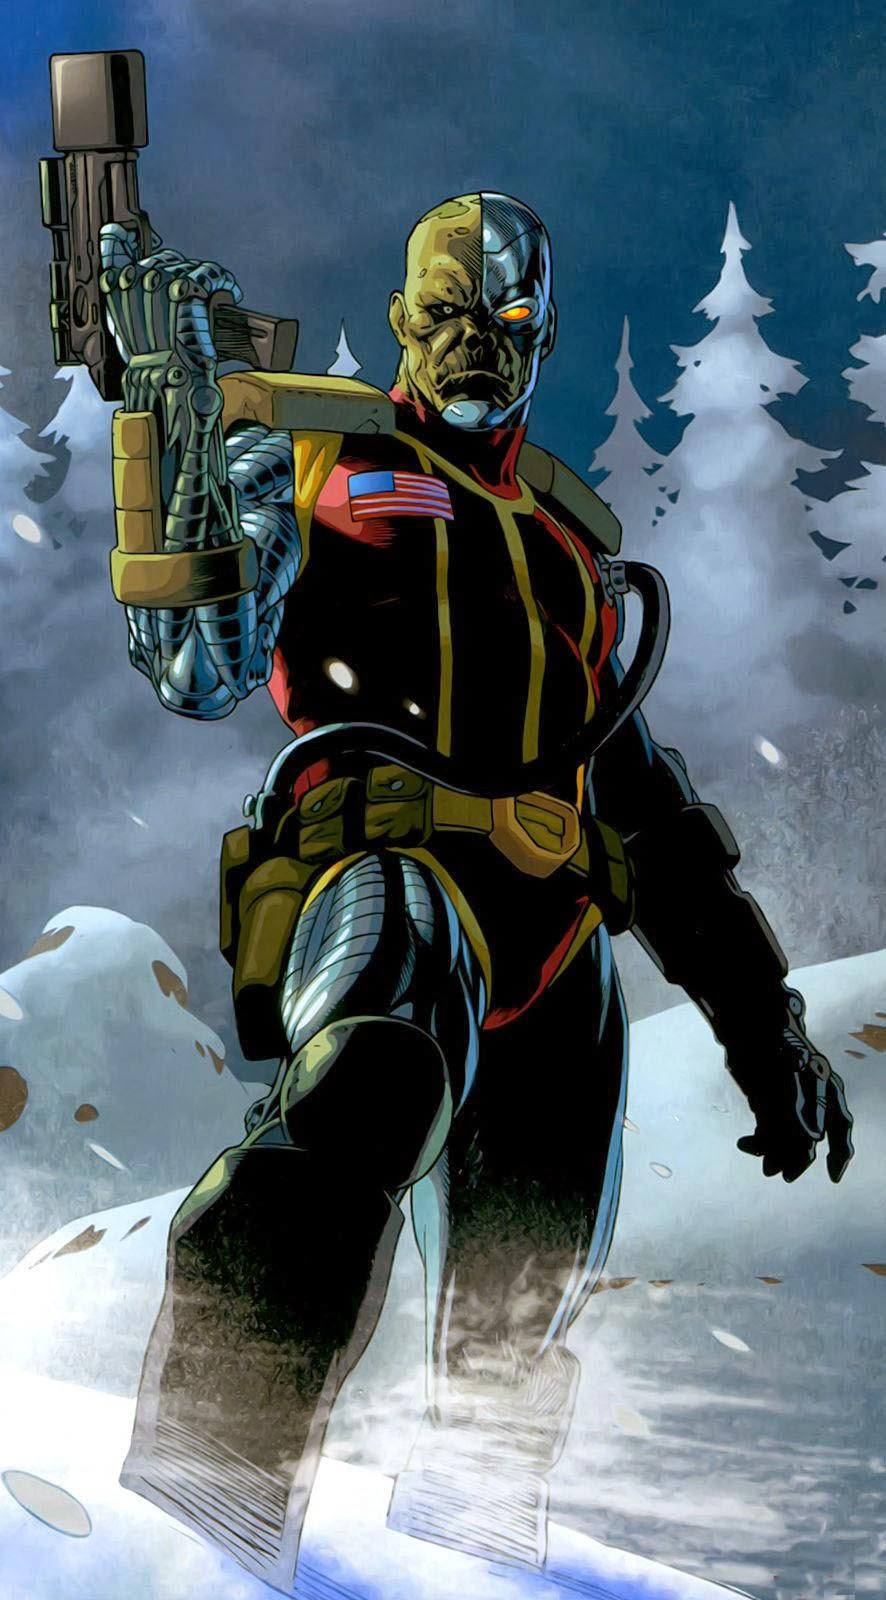 Agents of S.H.I.E.L.D. Deathlok